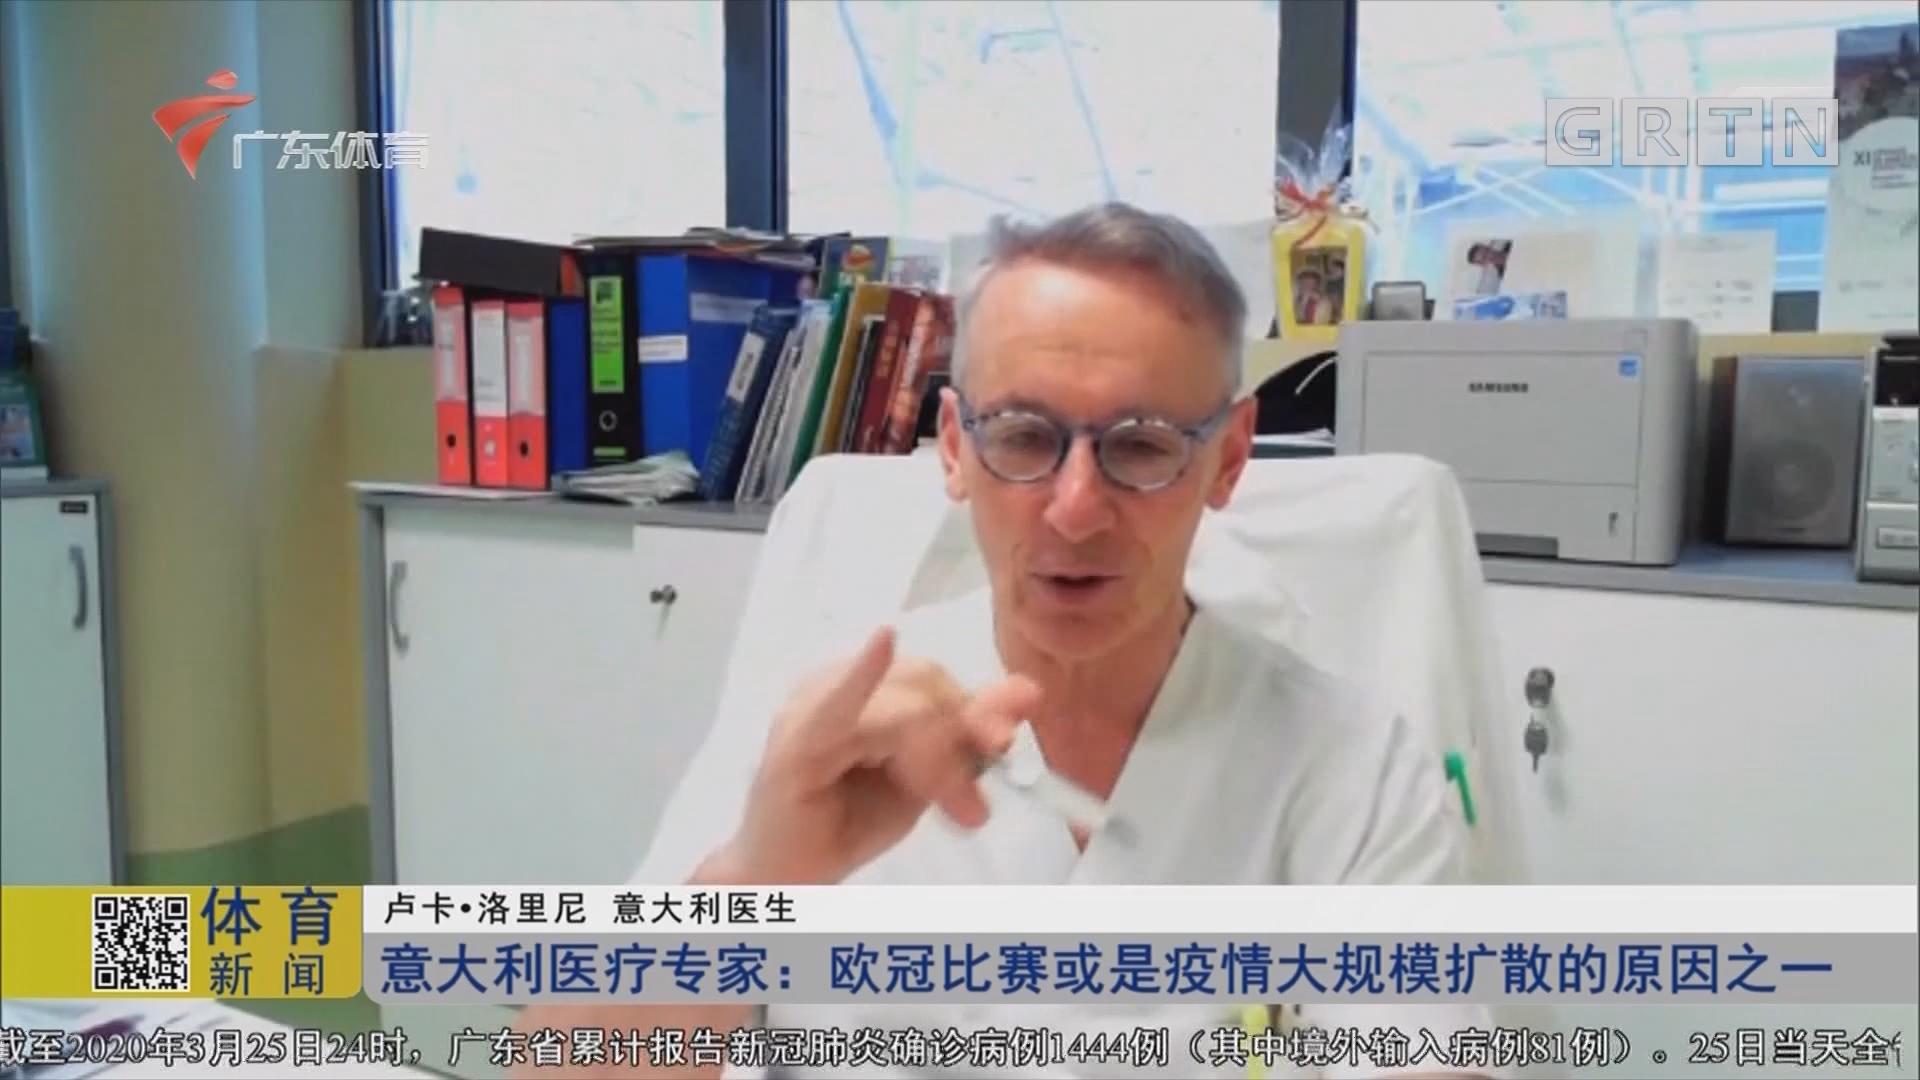 意大利医疗专家:欧冠比赛或是疫情大规模扩散的原因之一